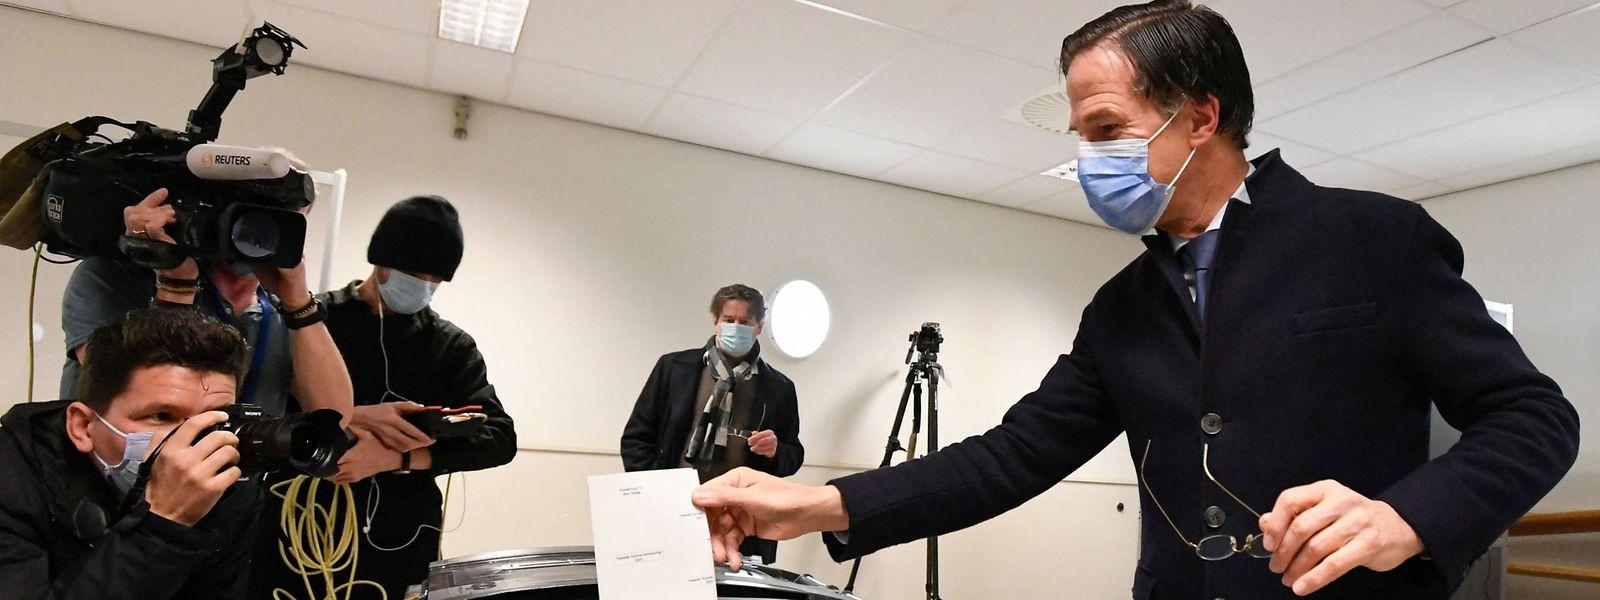 Mark Rutte bei der Stimmabgabe in Den Haag.